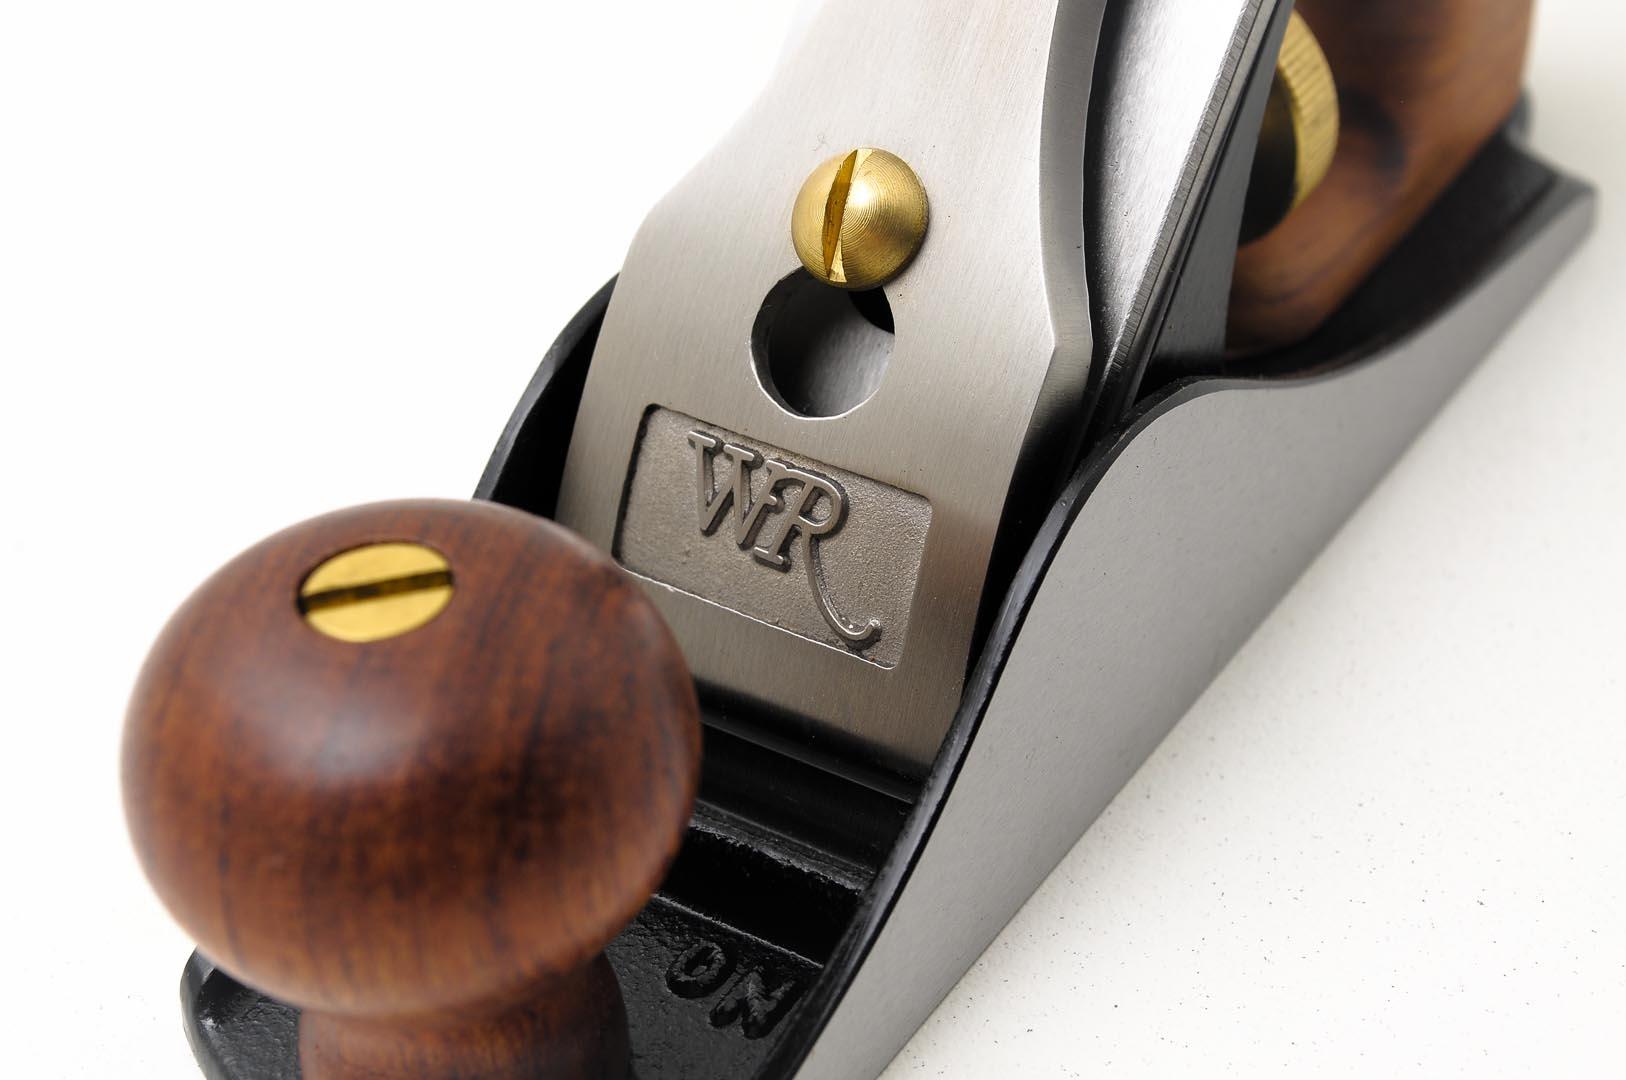 159005-Cepillo 1 bailey mini manual WoodRiver 159005-max-2.